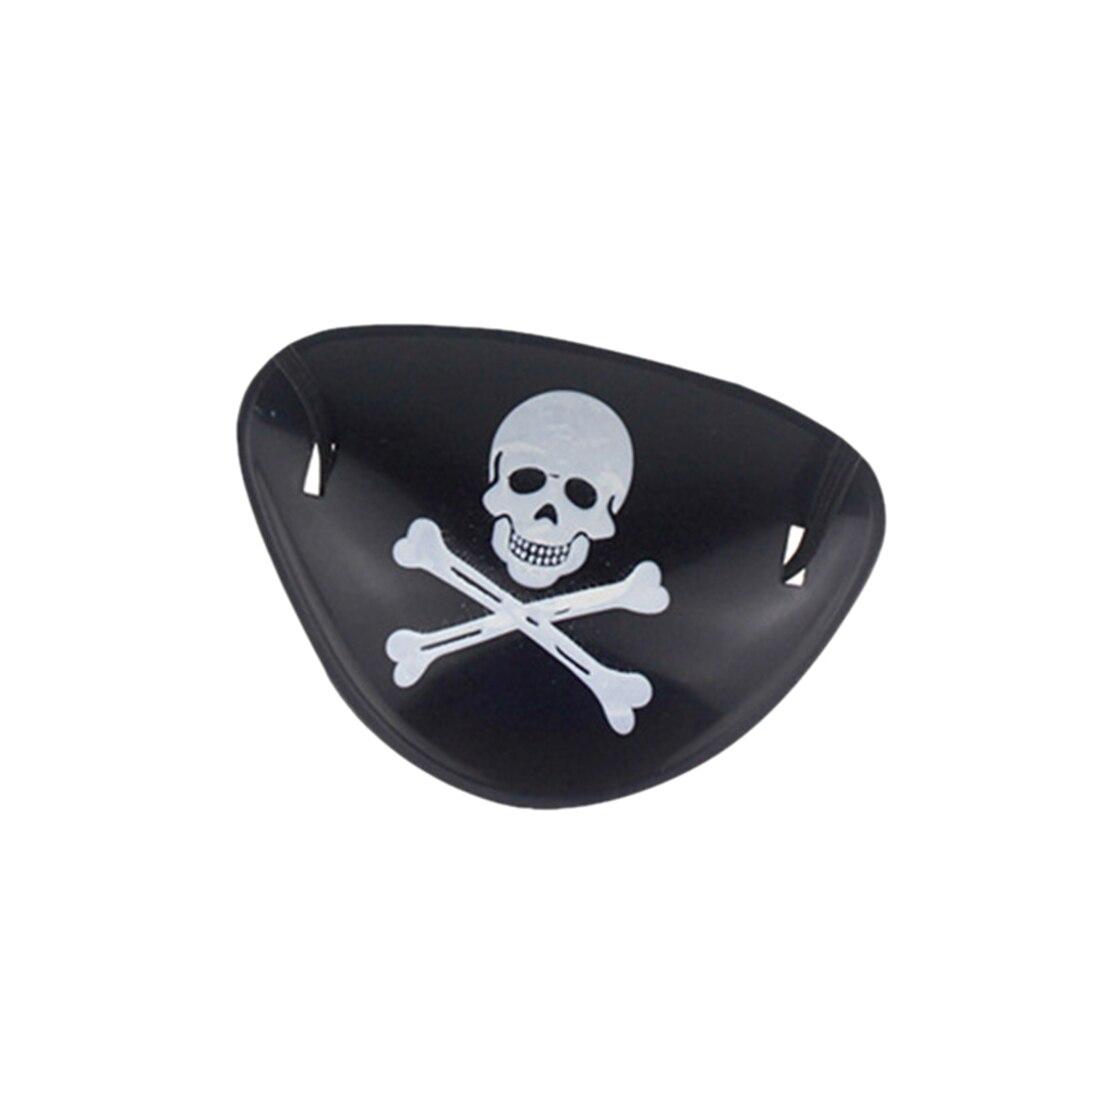 3шт дети Kid'патч пластиковый Пират с пиратом поставщика игрушек с черепом Хэллоуин одеваются реквизит мини-телескоп, компас